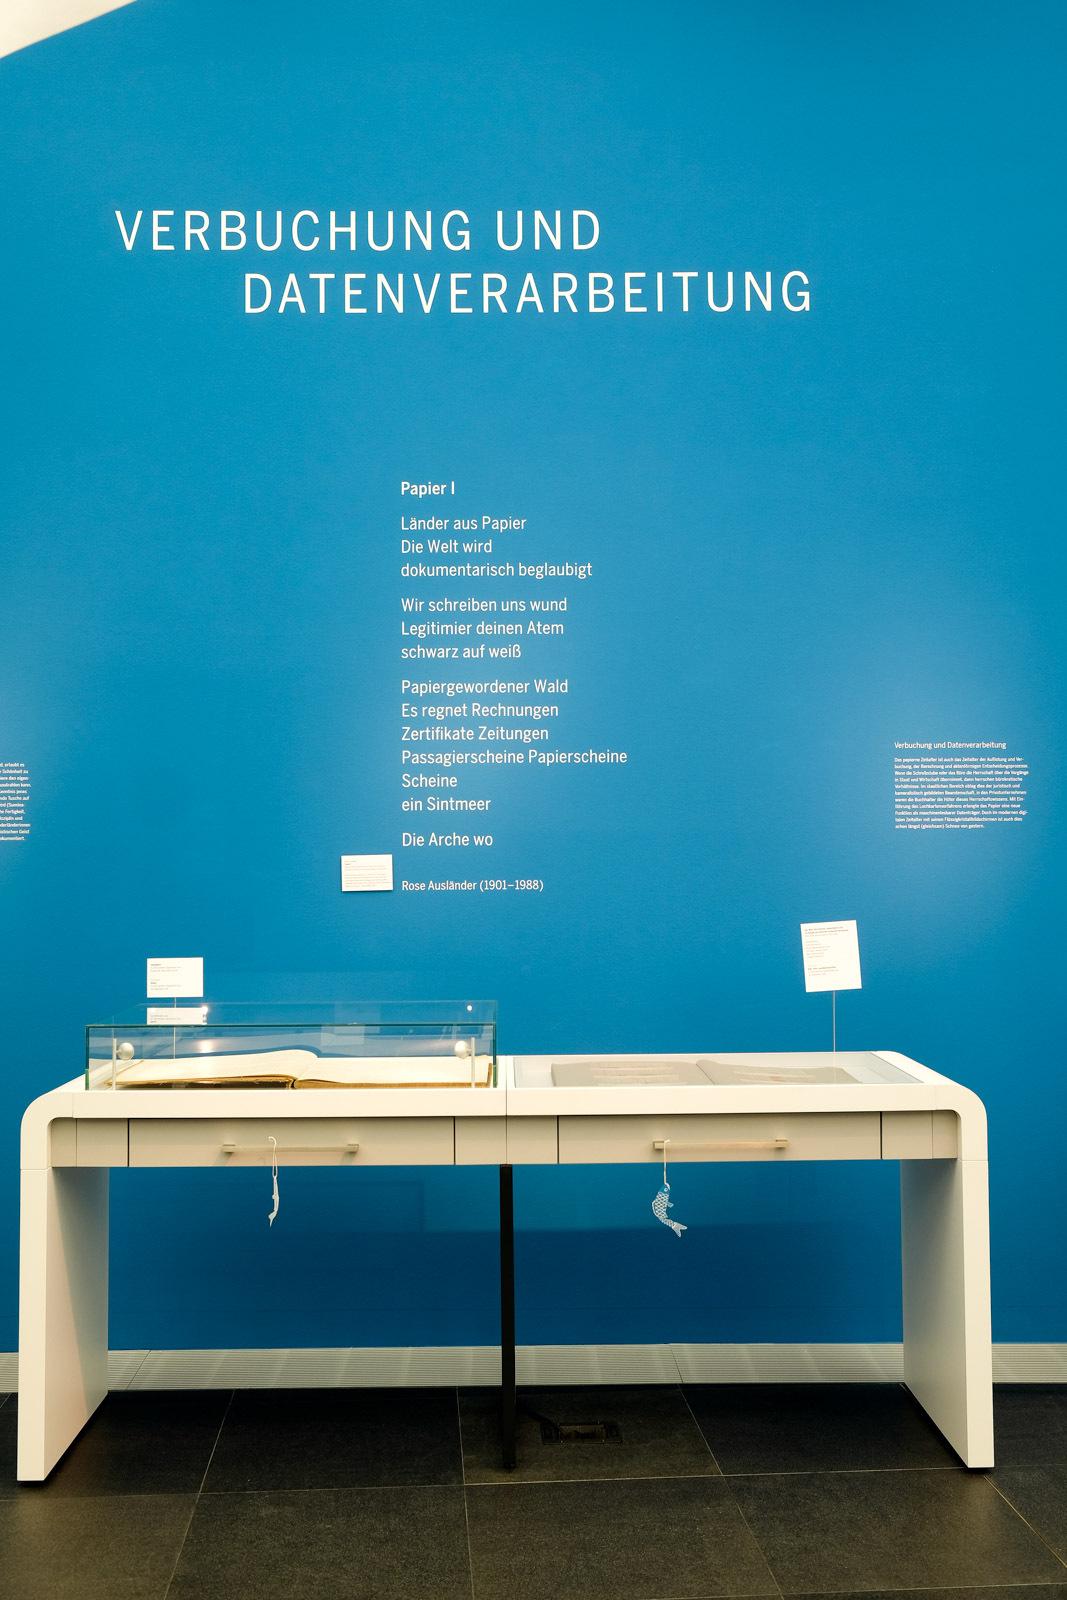 Verbuchung und Datenverarbeitung